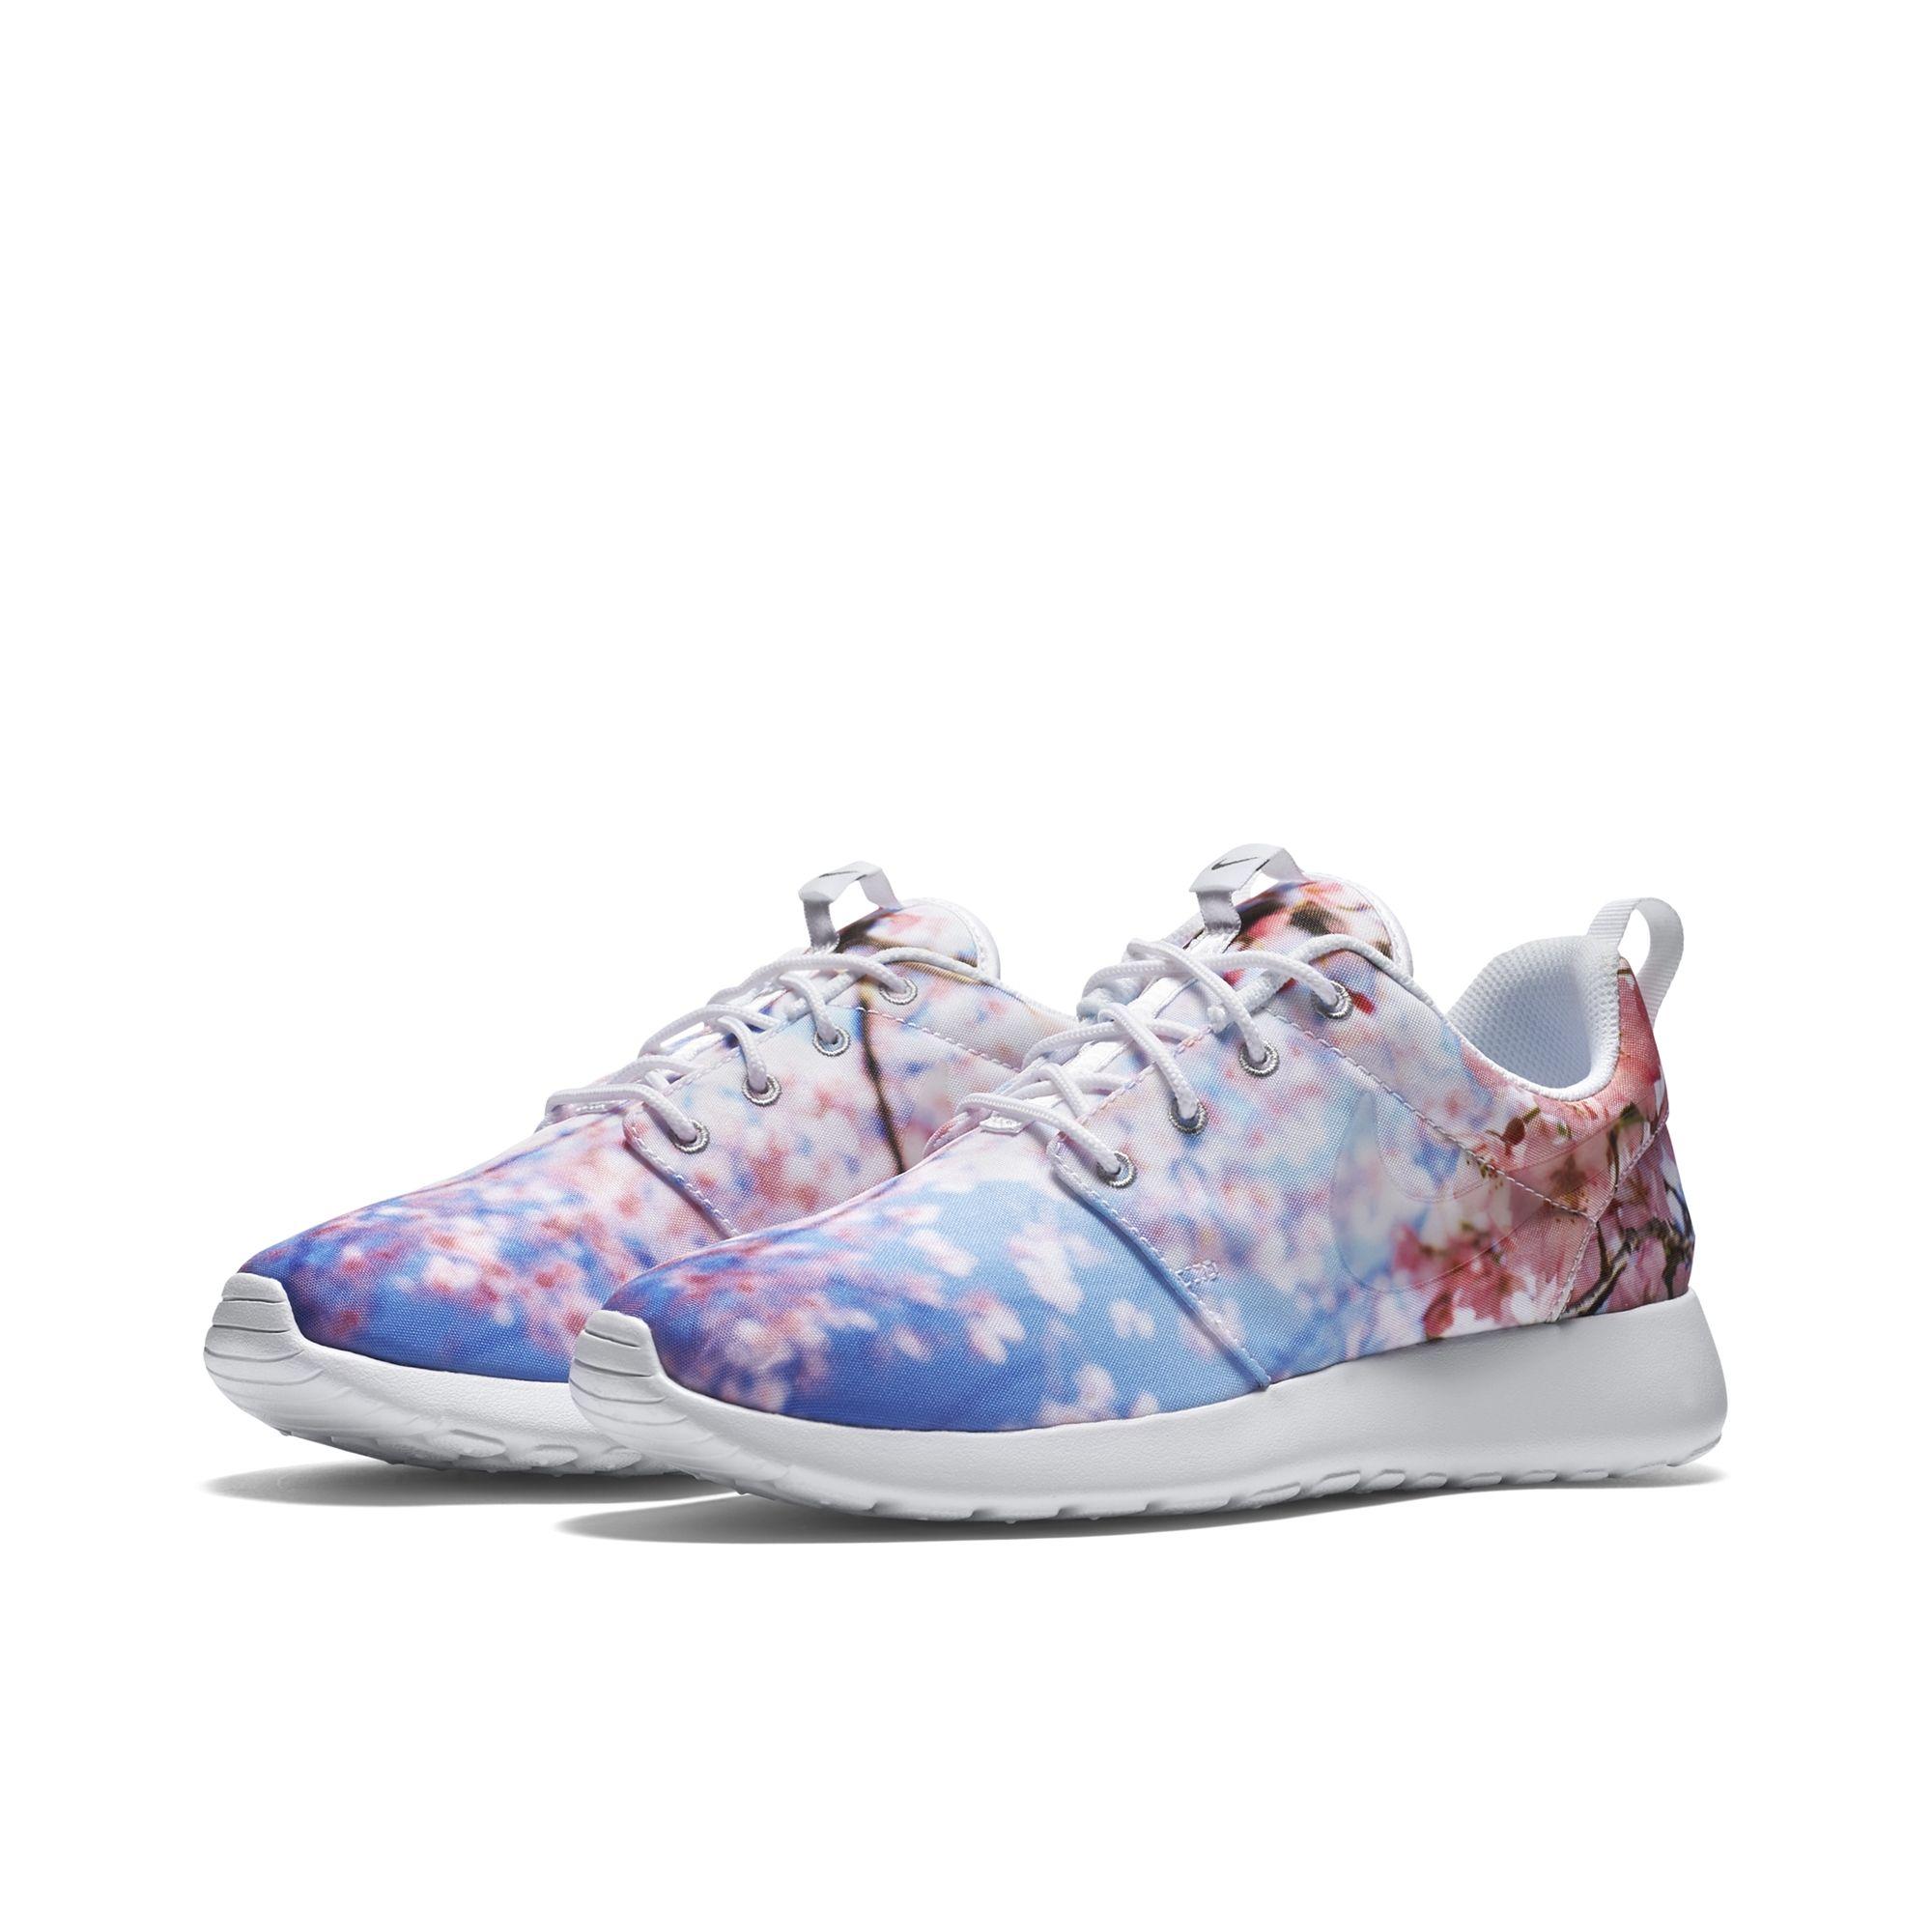 Chaussures Nike Air Max 2015 Femmes Gmc